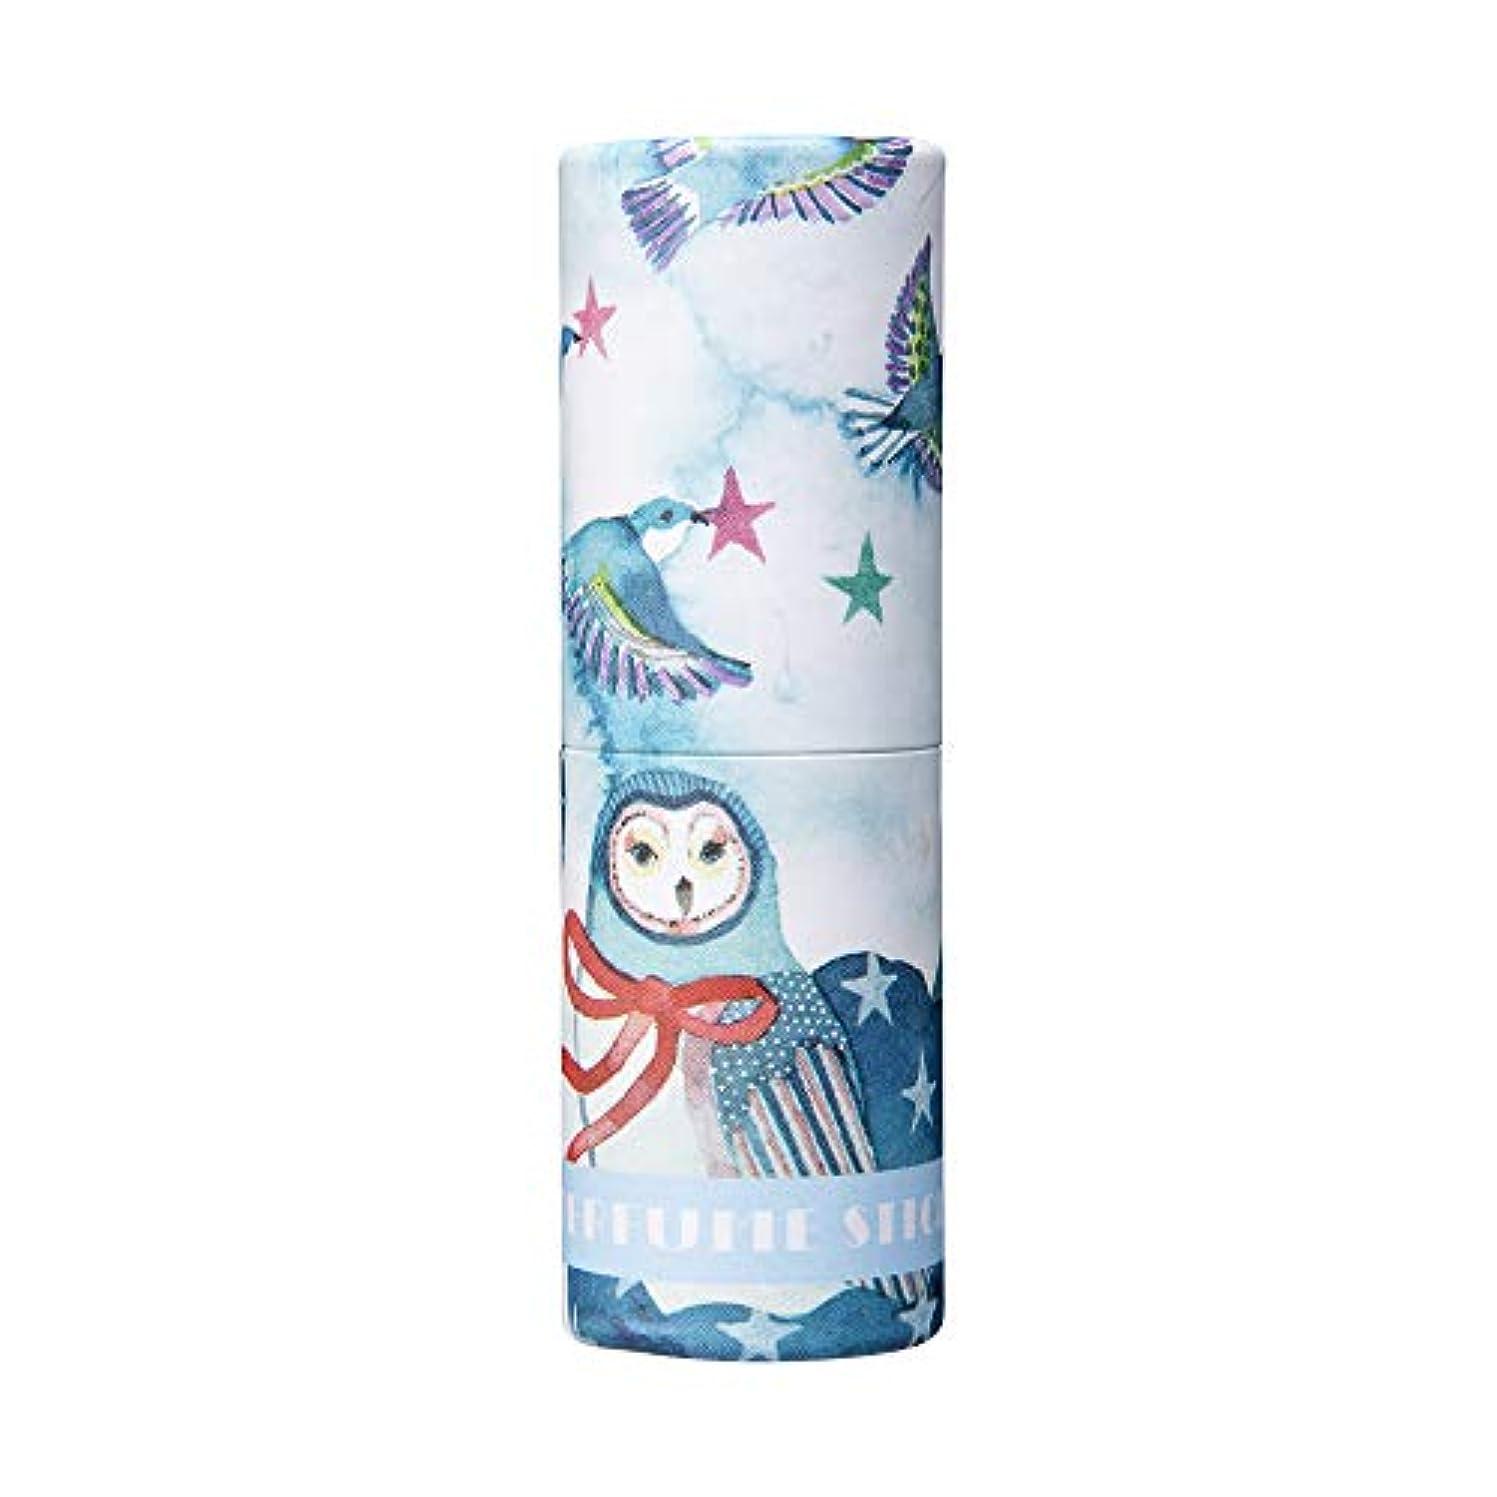 痛いジョリータービンパフュームスティック ウィッシュ ホワイトフラワー&シャボンの香り CatoFriendデザイン 5g